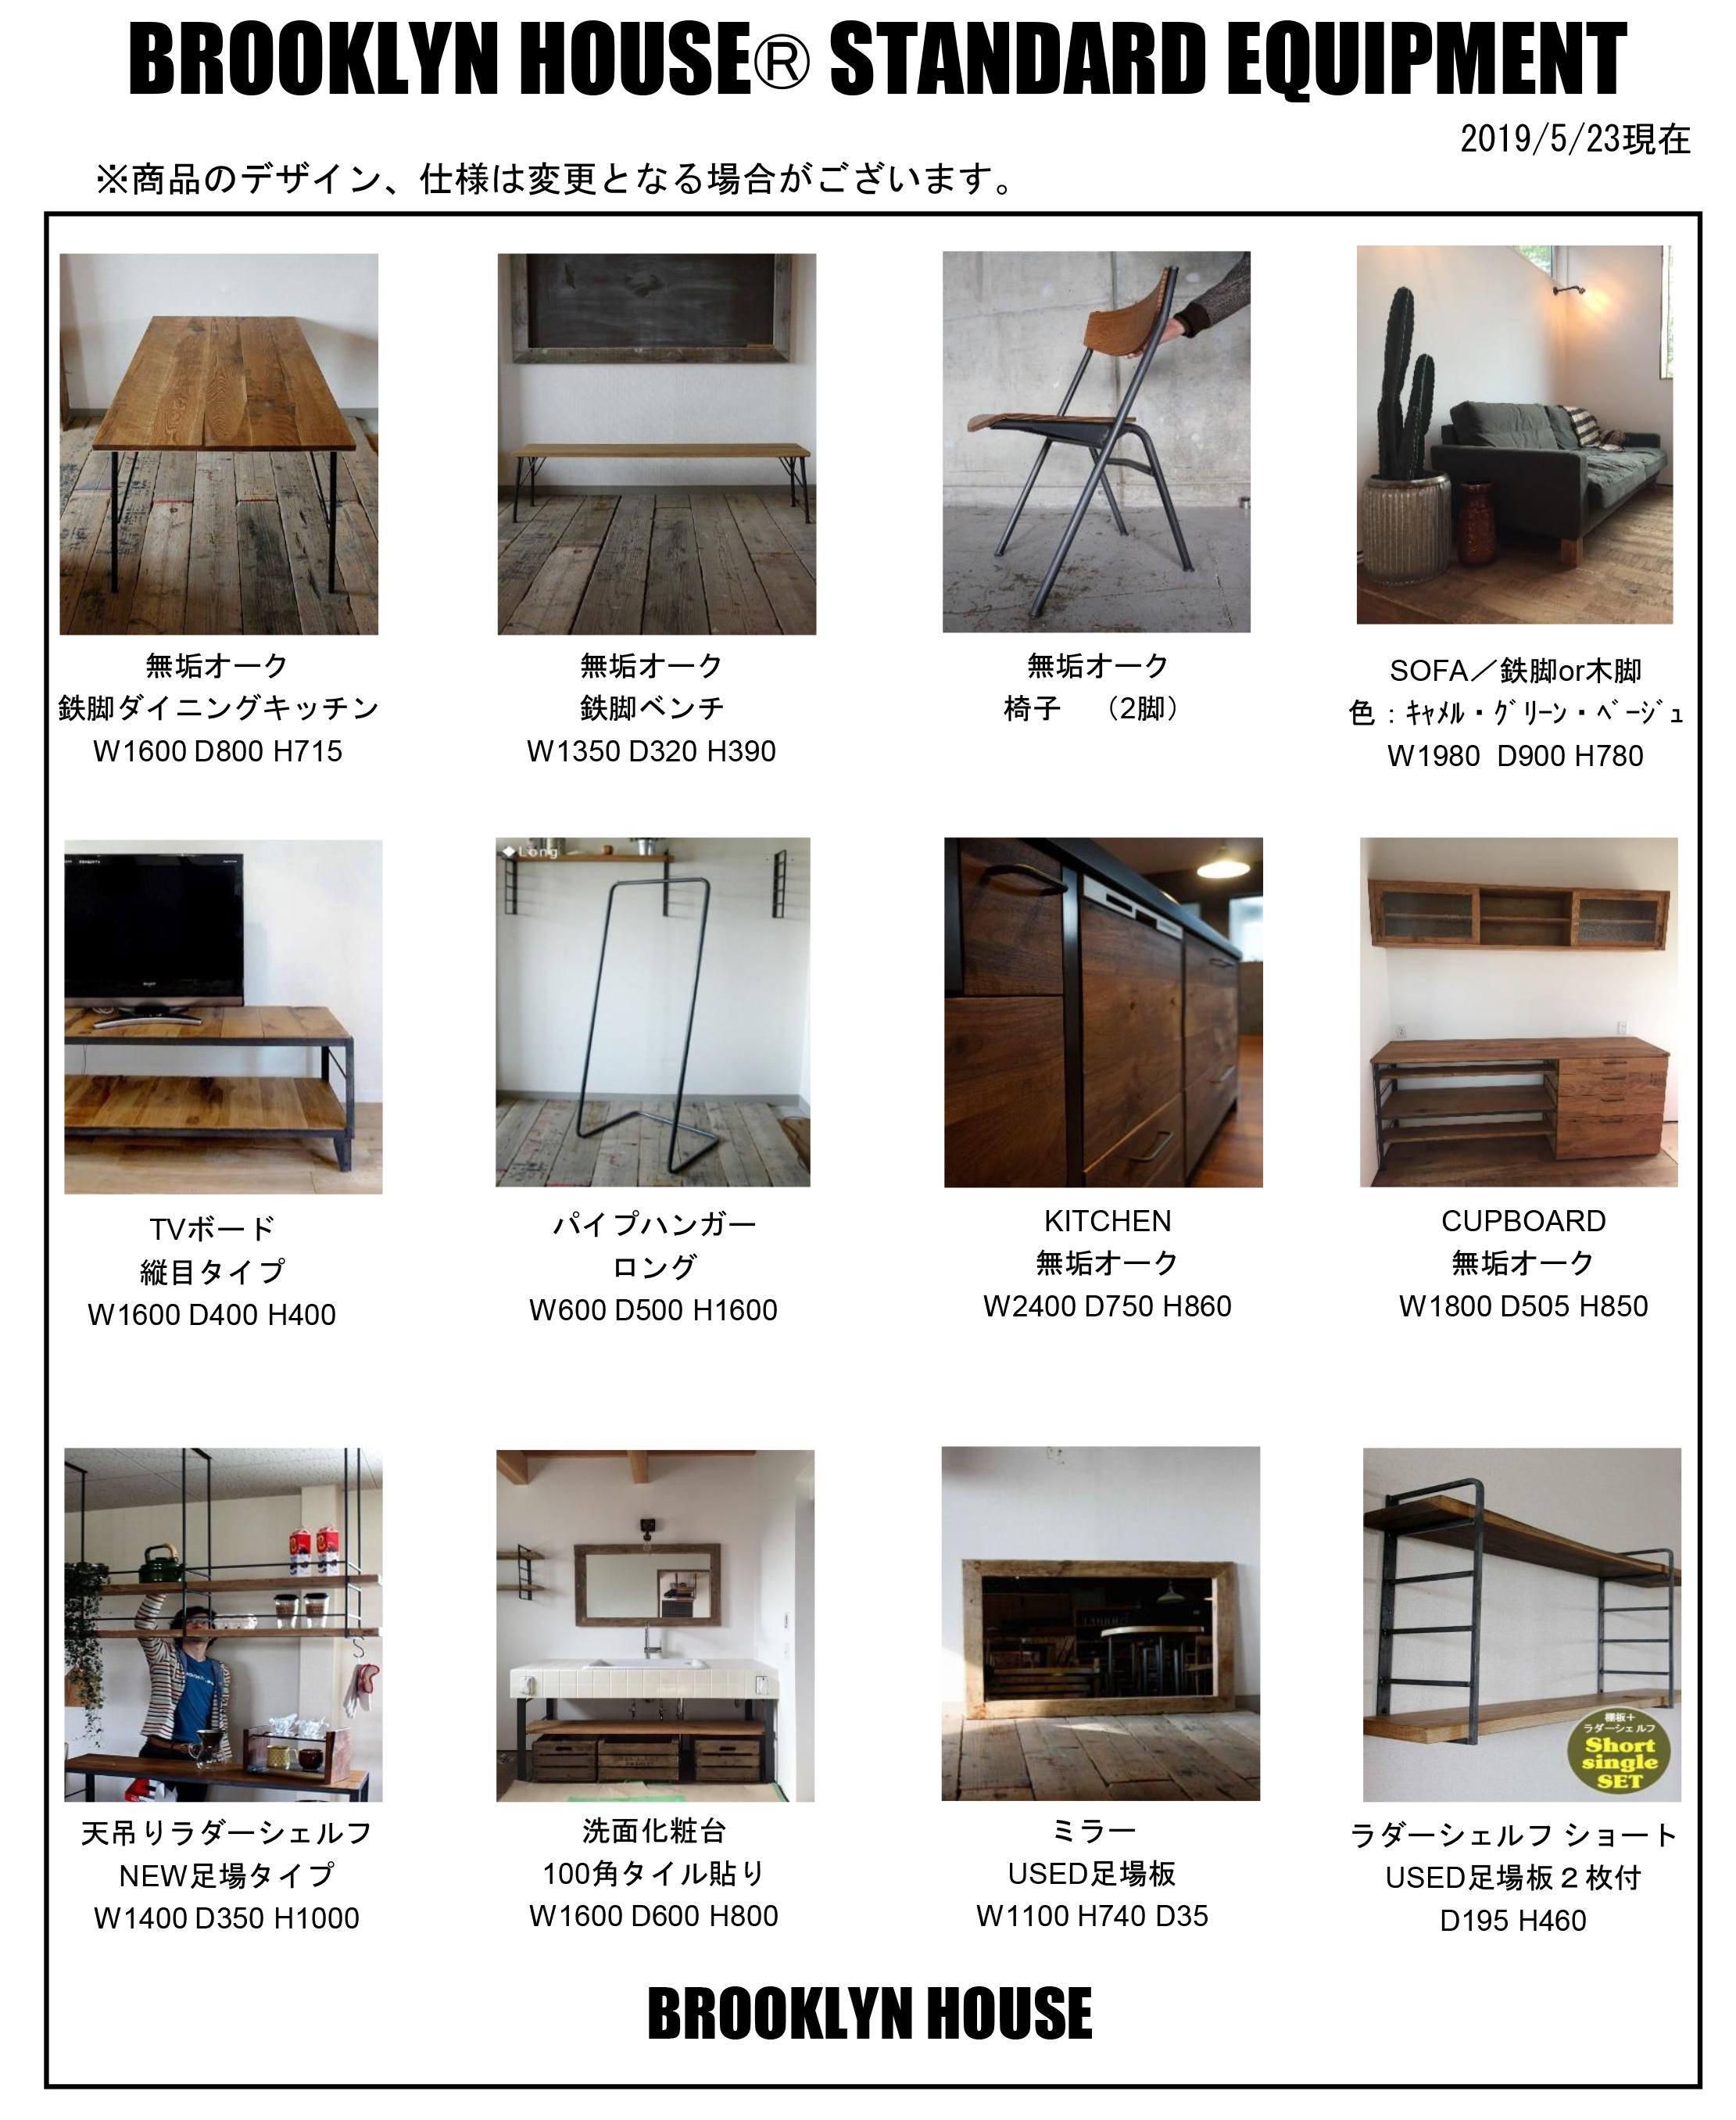 標準仕様家具・設備